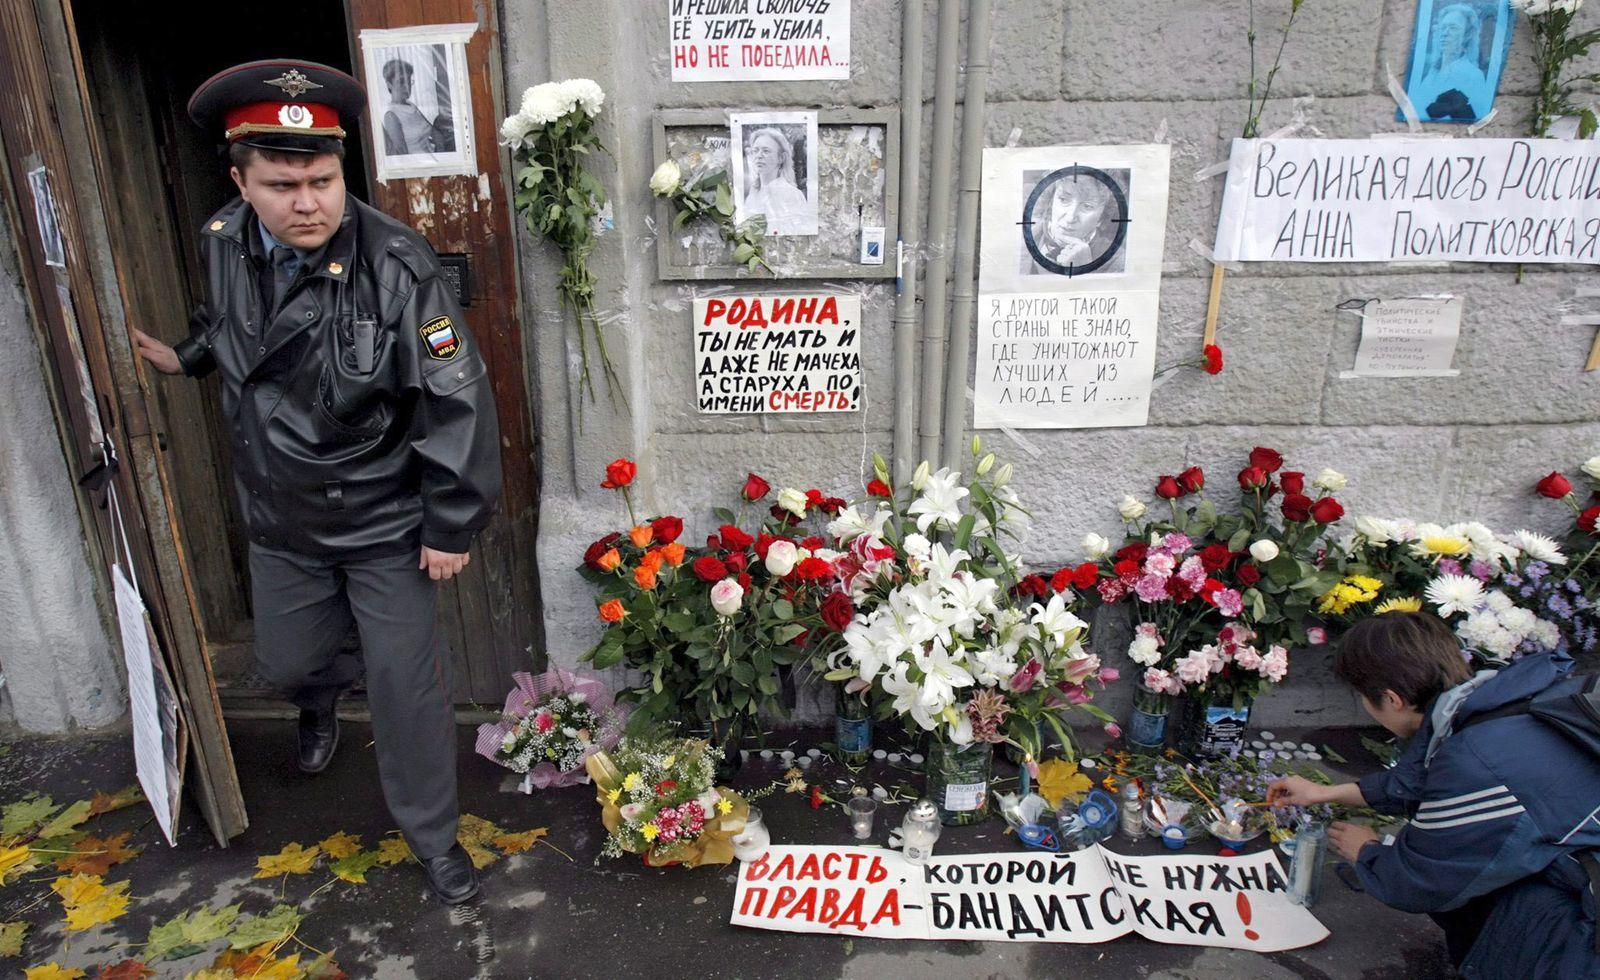 Trauer um ermordete Regierungskritikerin Politkowskaja